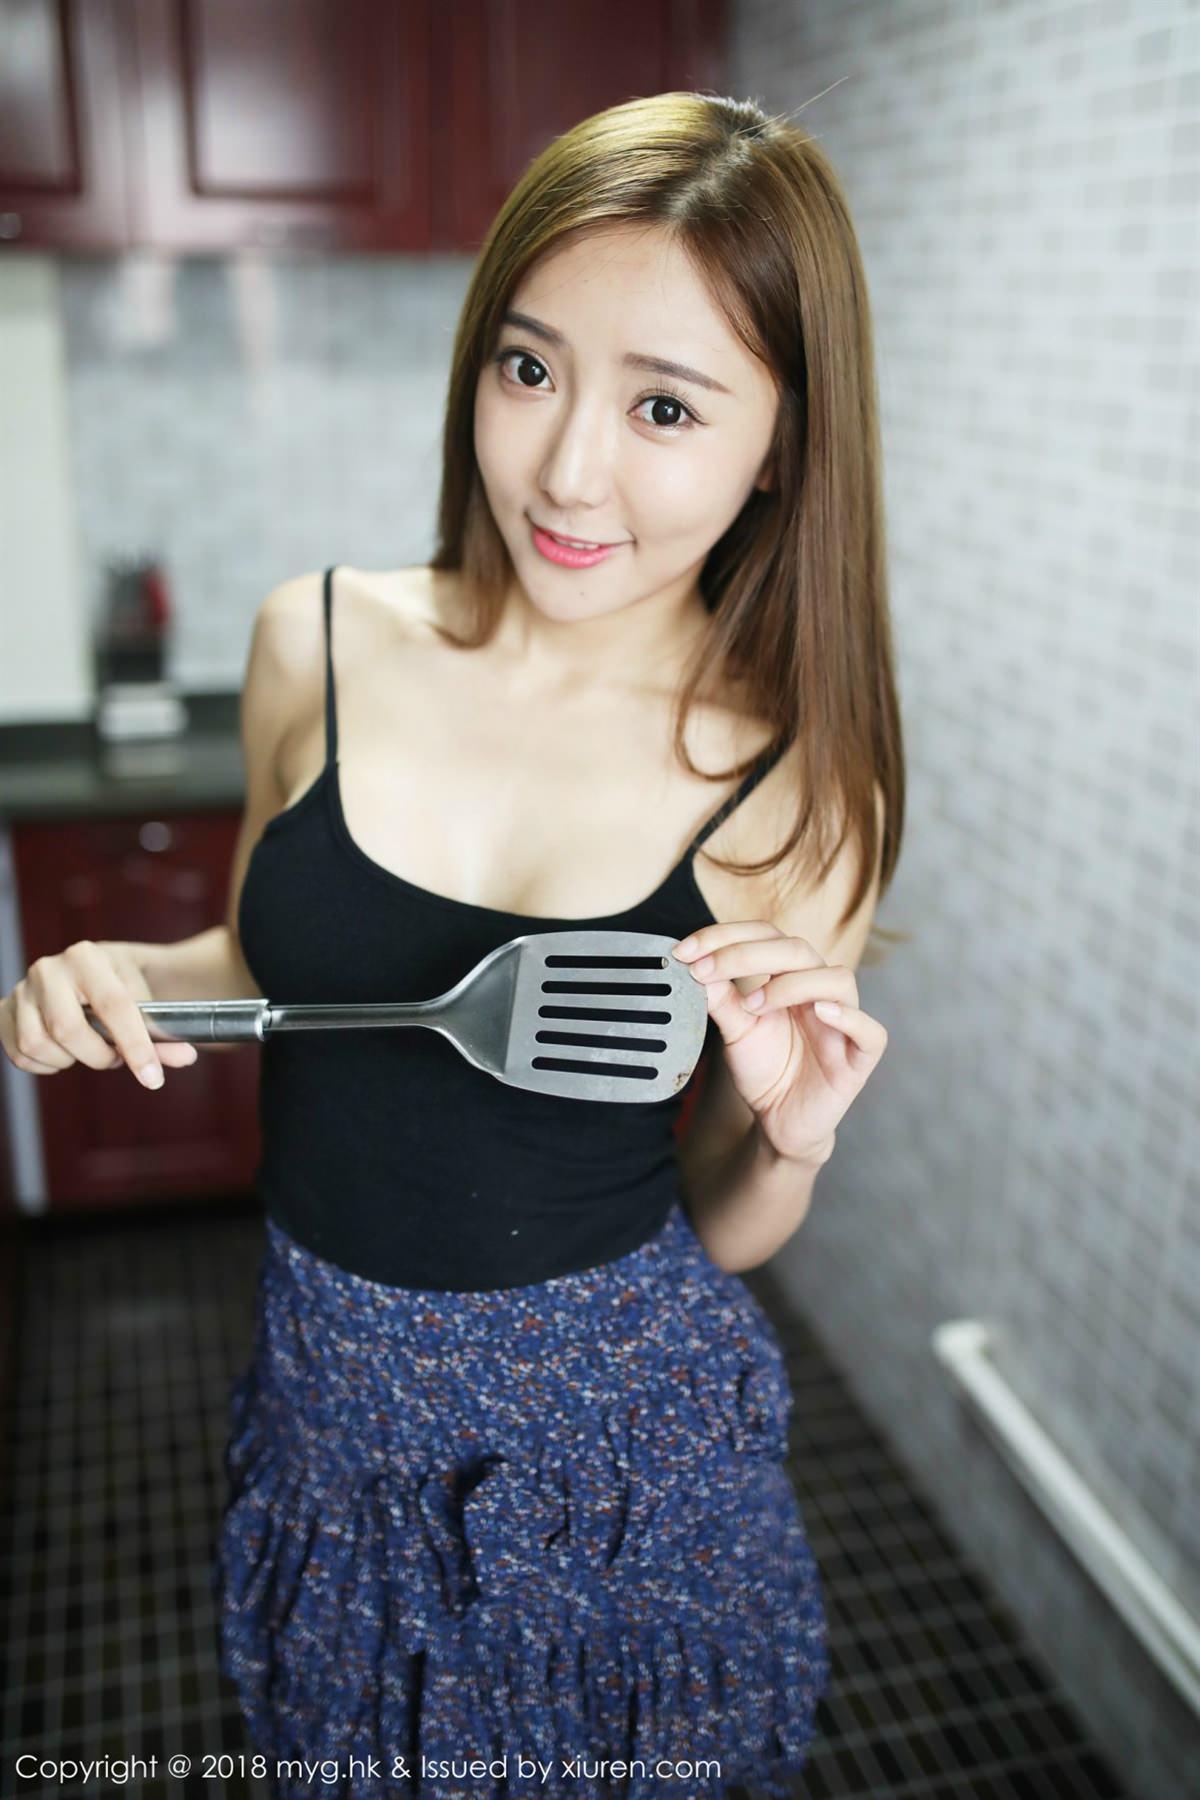 MyGirl Vol.293 25P, mygirl, Wang Xin Yao